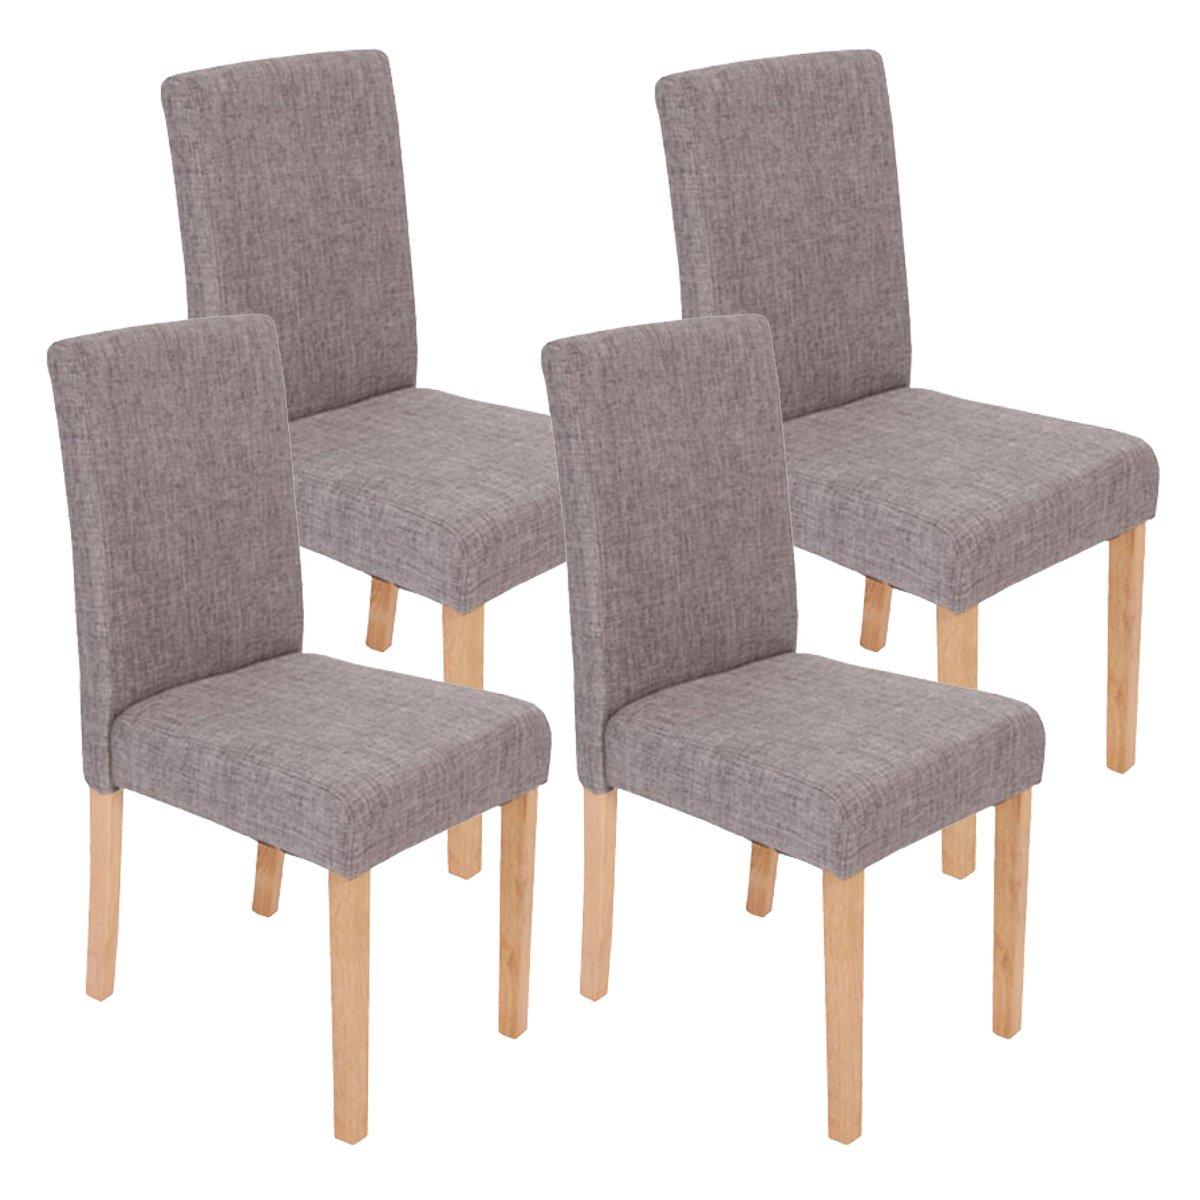 Lote 4 sillas de comedor litau tela precioso dise o tela for Sillas para comedor tapizadas en tela